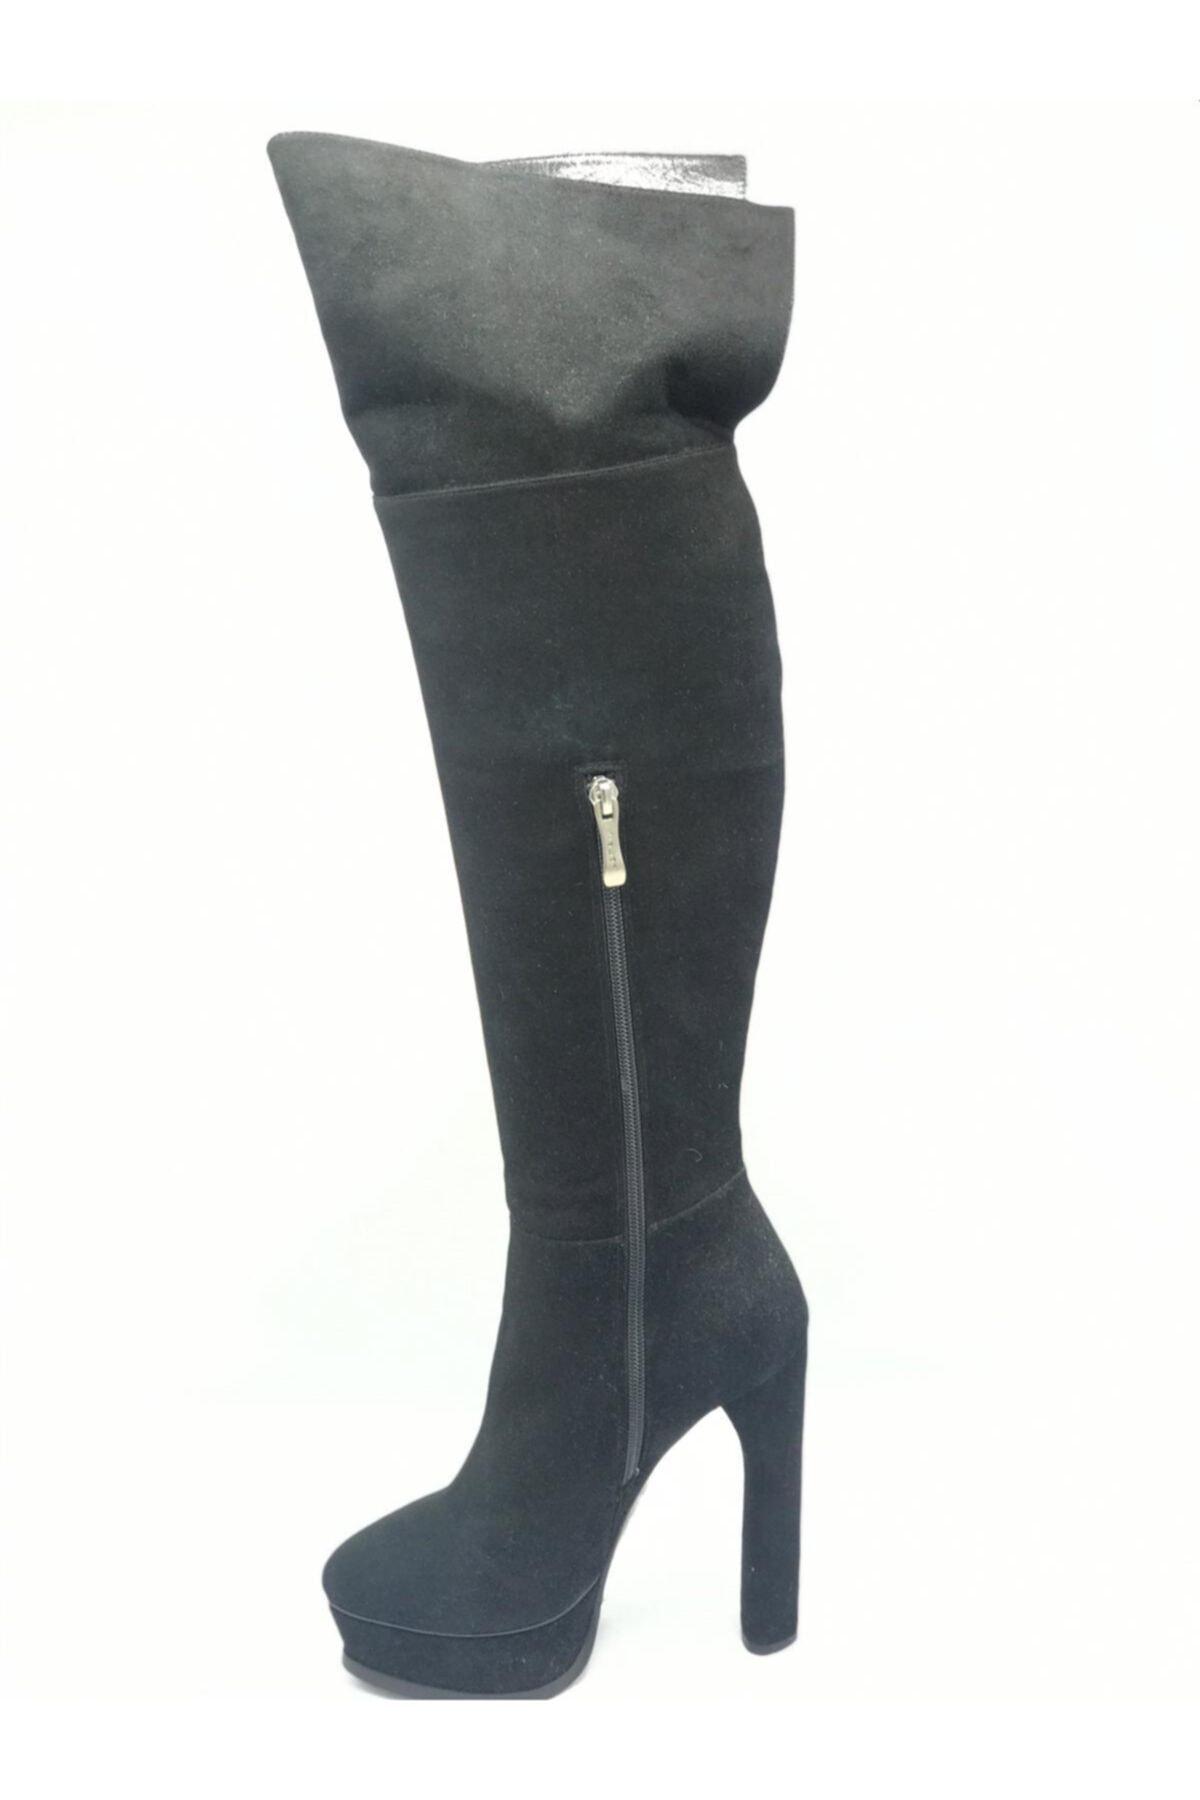 Flower Kadın Siyah Süet İnce Topuklu Çizme 2